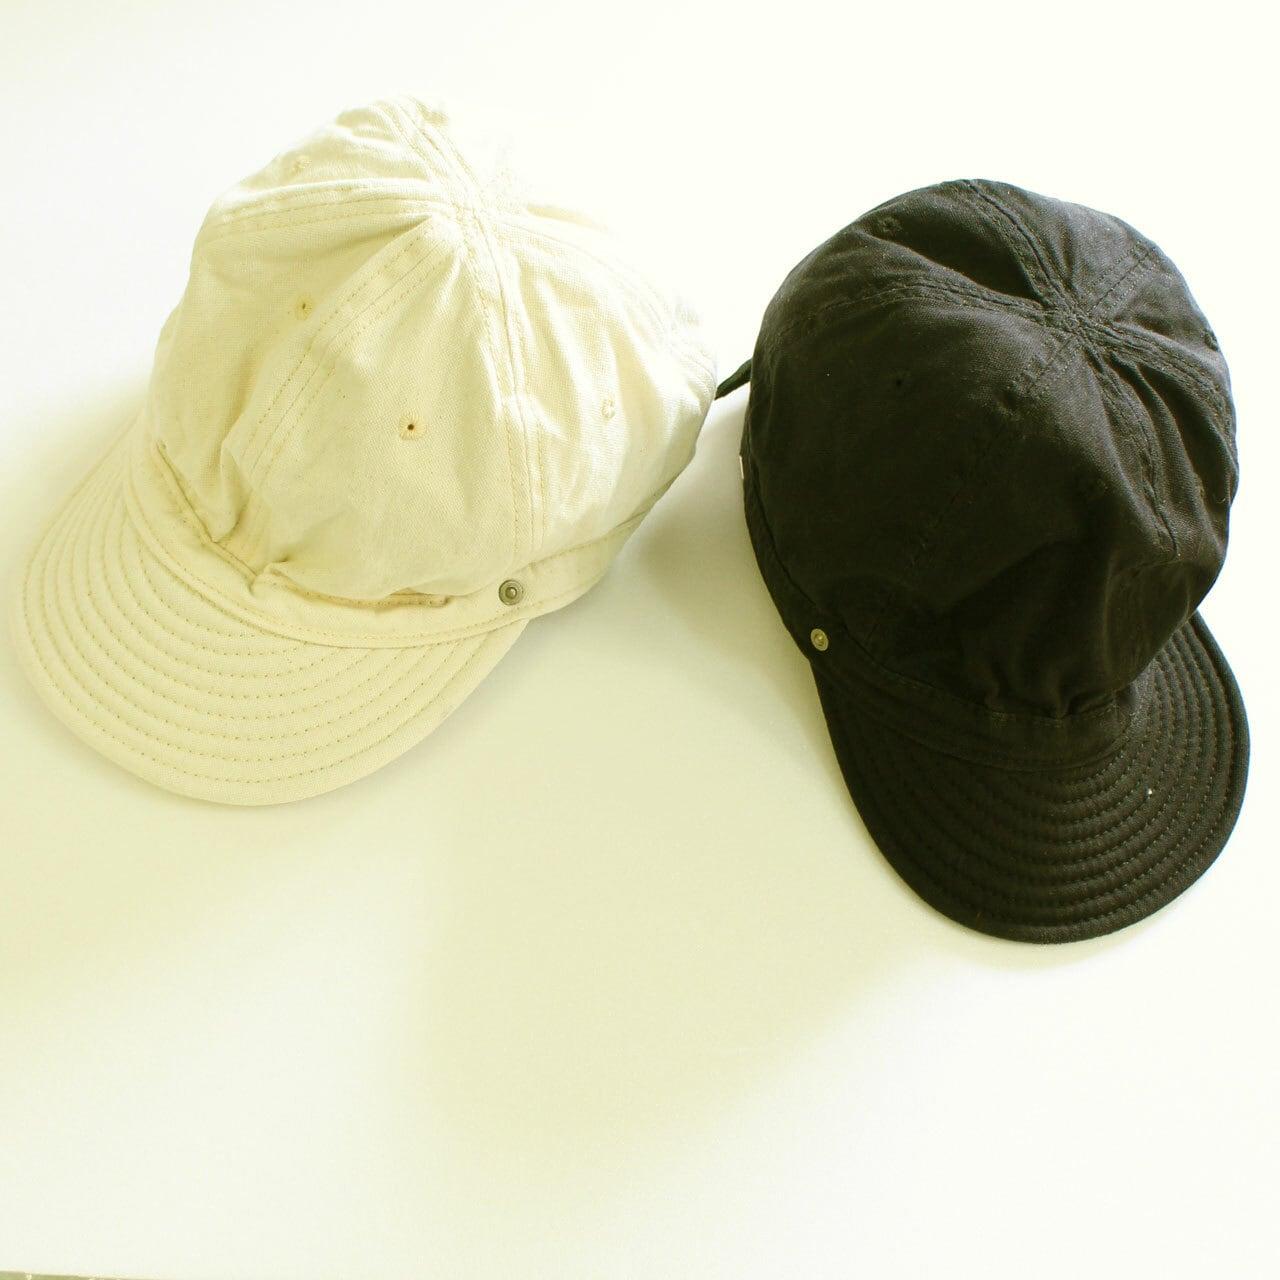 秋冬の定番CAP 新色 DECHO  デコー KOME CAP 【STANDARD D-01】 定番 DUCKコメキャップ   メンズ・レディース兼用 帽子